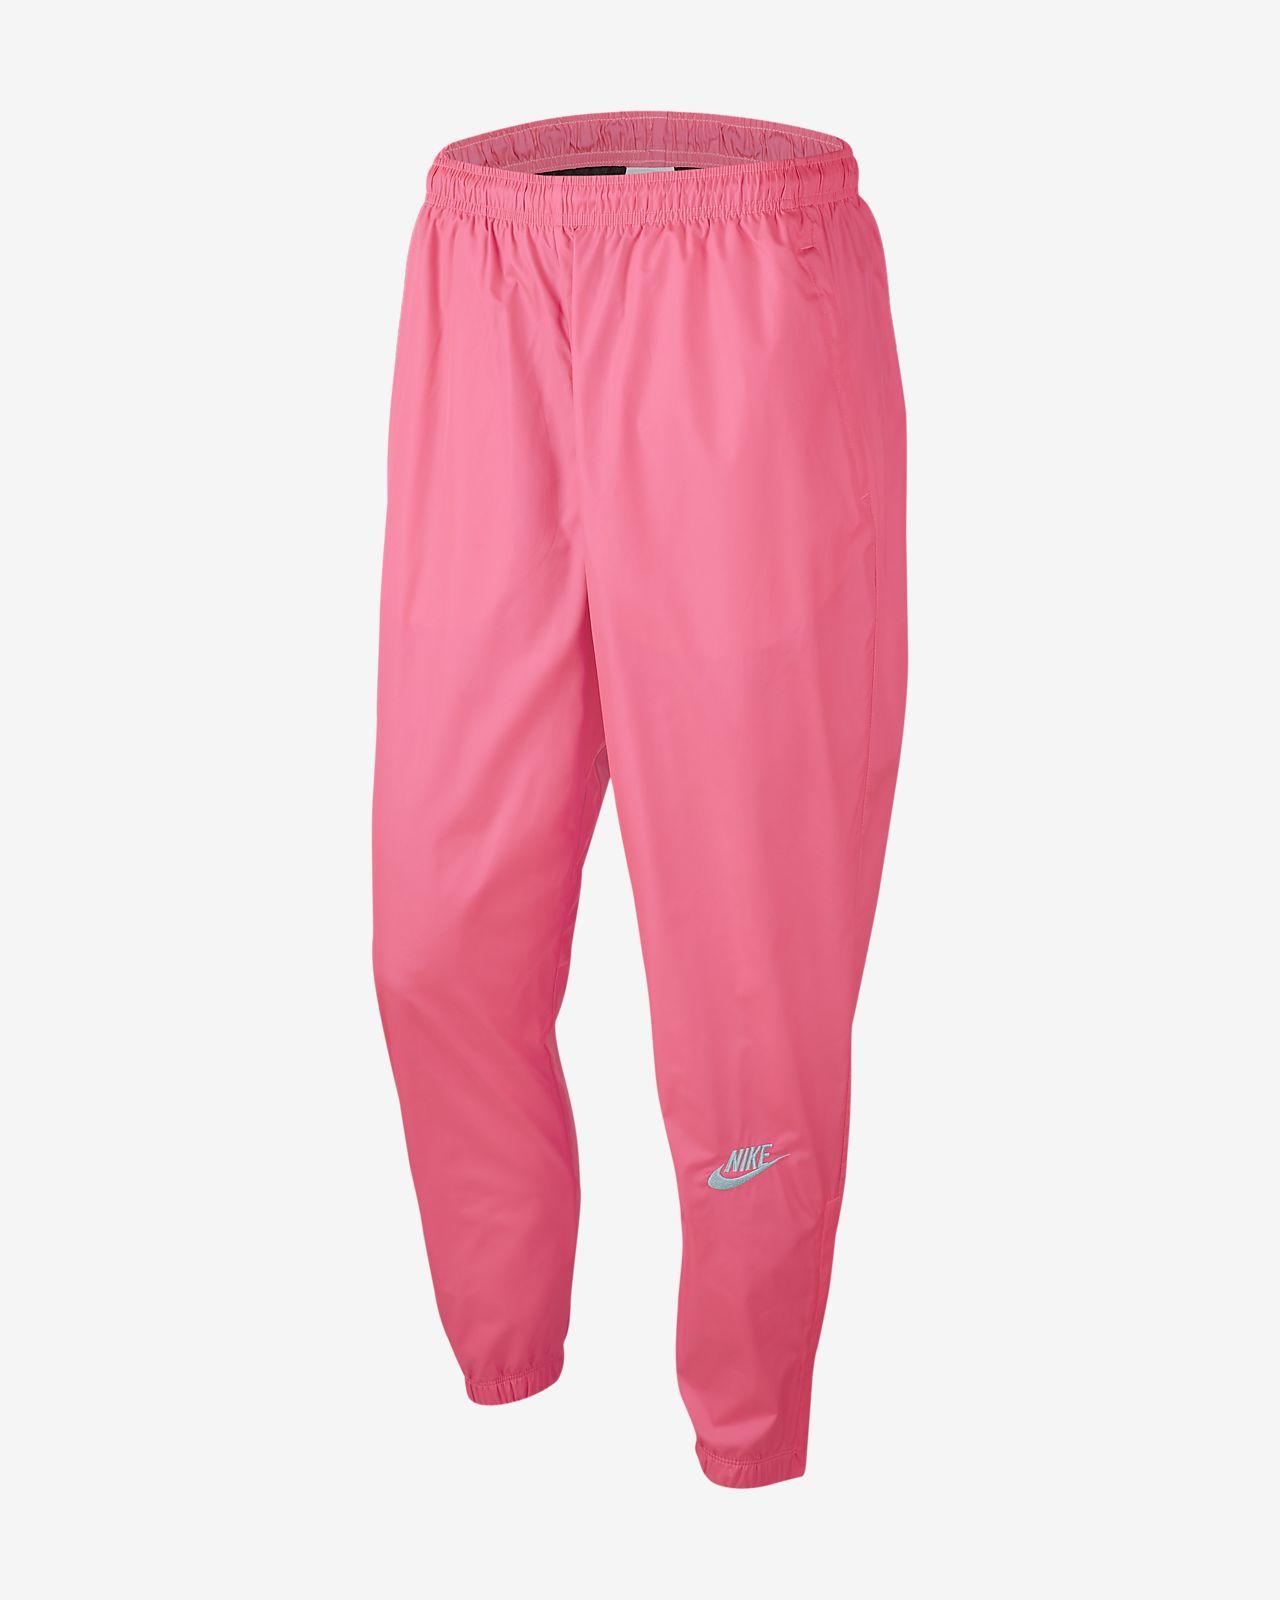 Pánské atletické kalhoty Nike x atmos